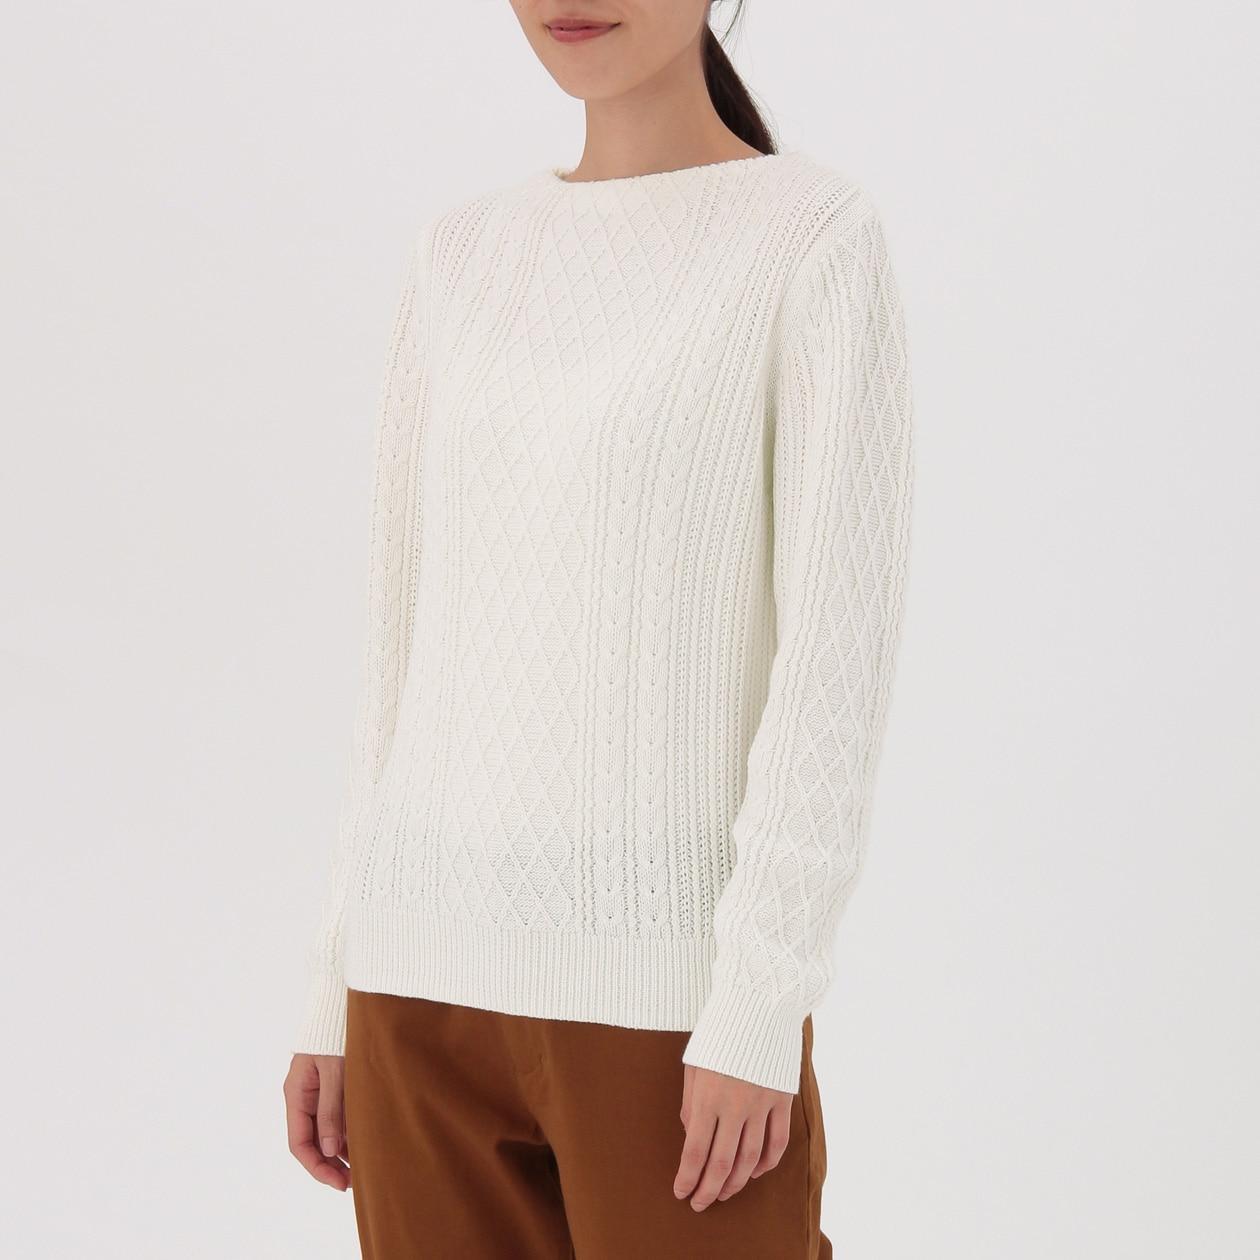 オーガニックコットンケーブル柄セーター